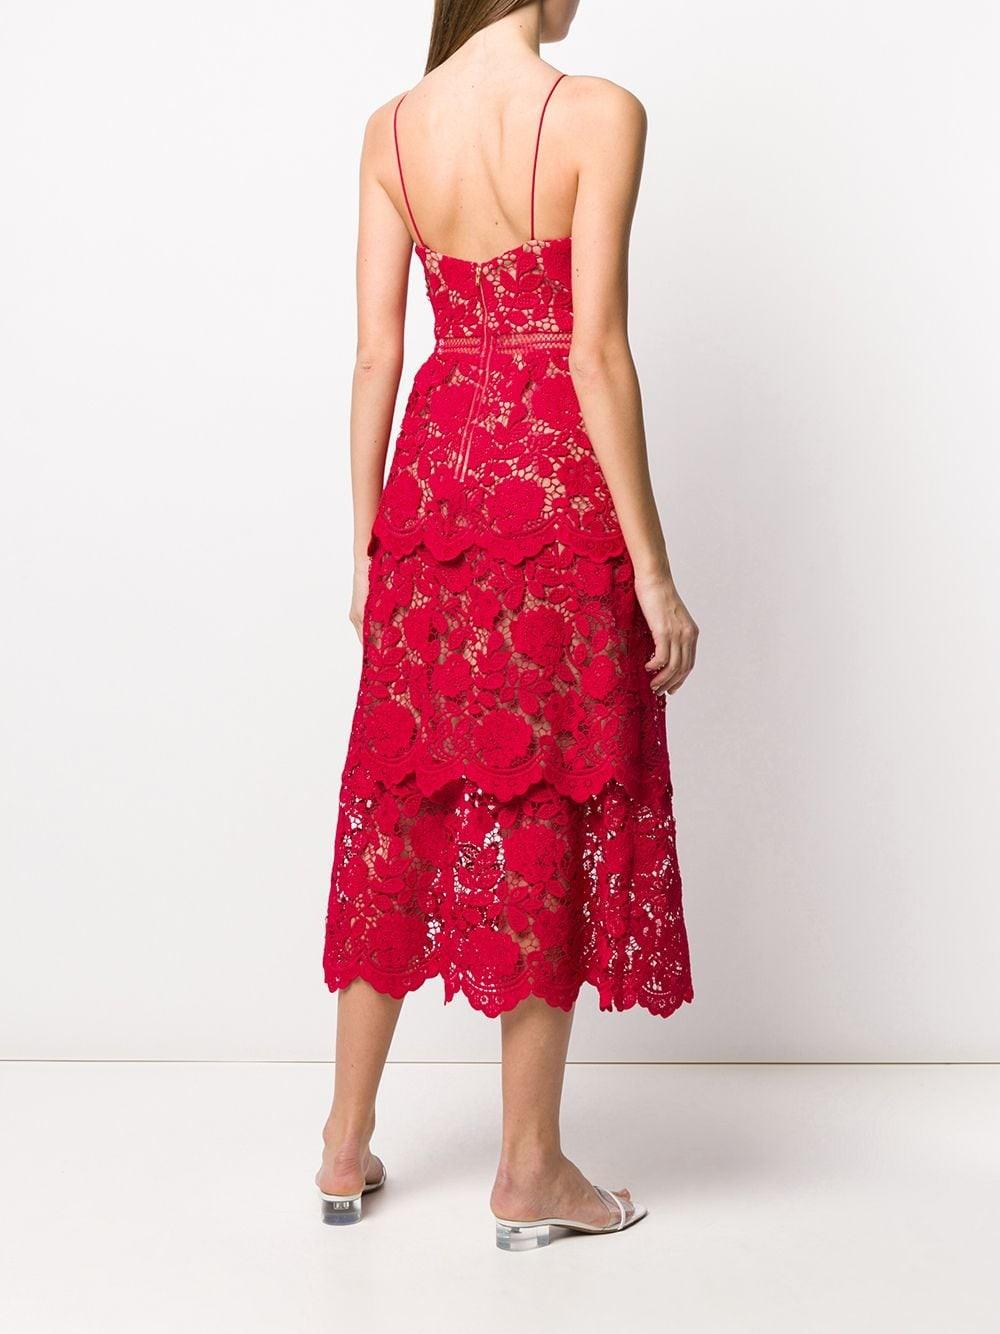 FUCHSIA FLOWER LACE MDI DRESS